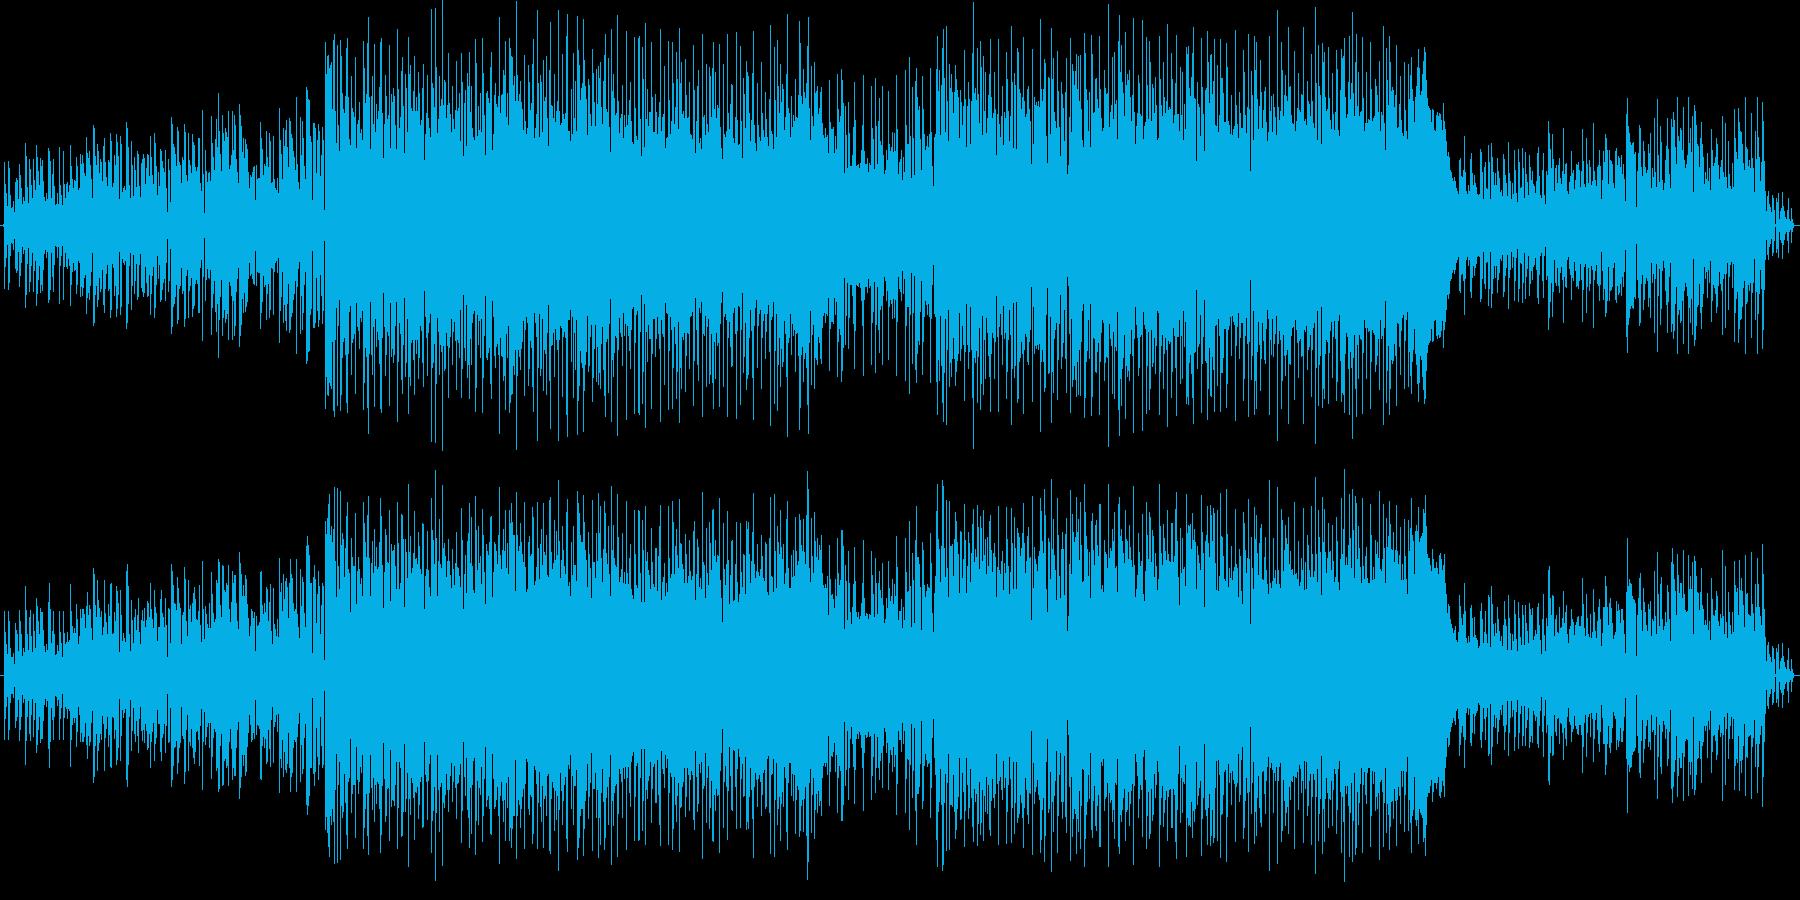 男声ボーカル 英詞 ロックの再生済みの波形